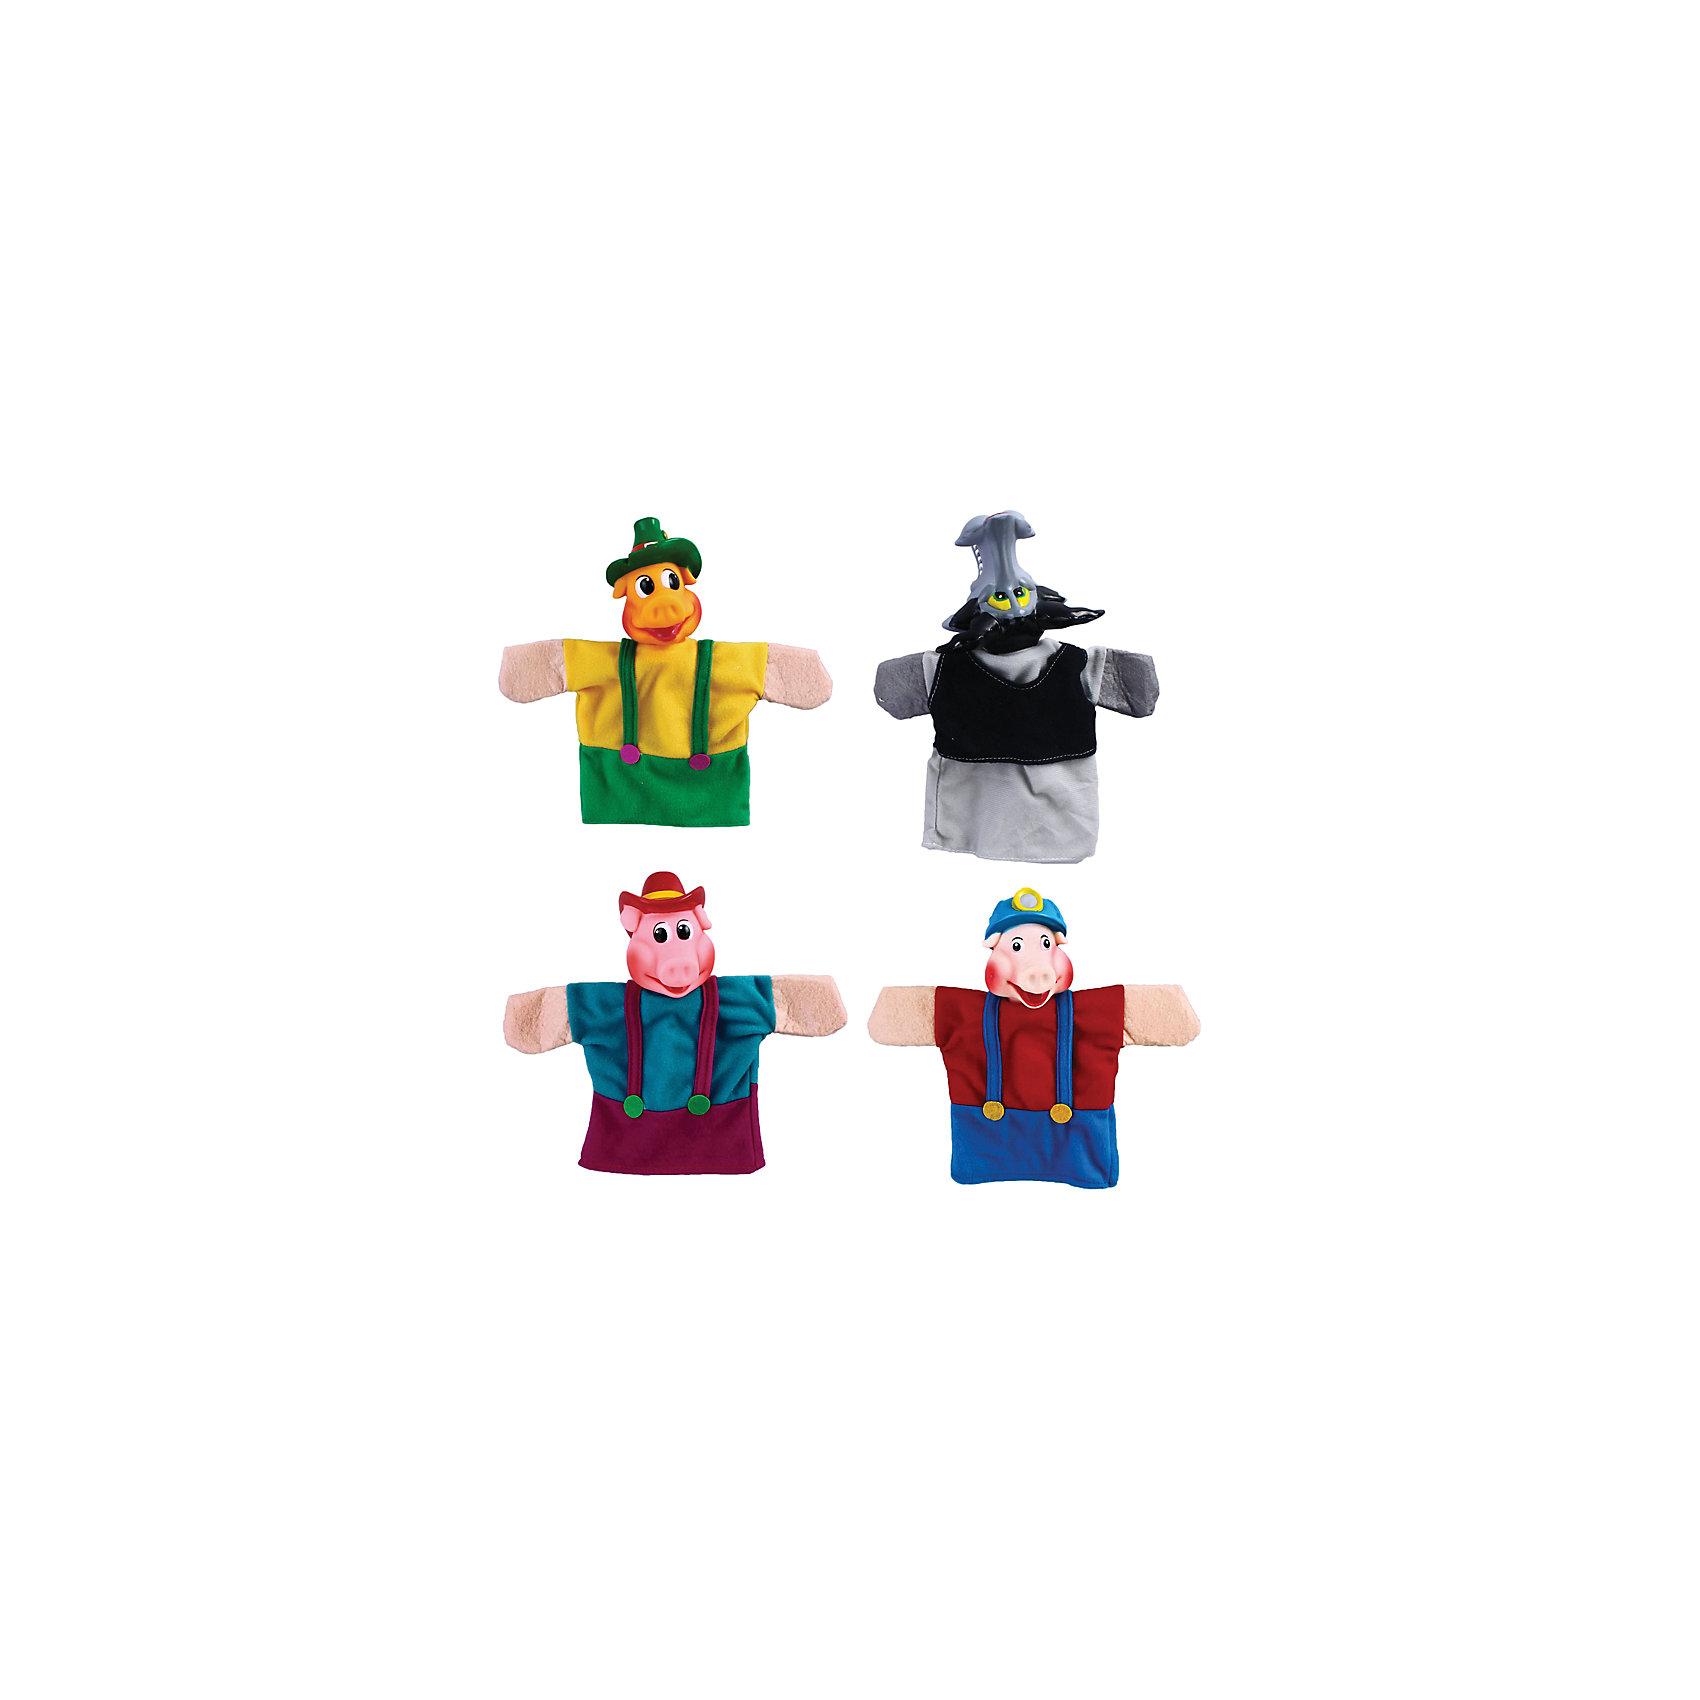 Кукольный театр Три поросёнка, 4 куклы, ЖирафикиМягкие игрушки на руку<br>Кукольный театр – настоящее искусство! Погрузите малыша в детский мир драмы с помощью уникальных игрушек – кукол! Играйте с ребенком вместе, показывайте ему свое представление или устройте настоящий домашний спектакль перед родными. Игра такого плана развивает у малыша актерские способности, любовь к выступлениям на публике, а так же улучшает творческие способности и развивает фантазию и воображение. Материалы, использованные при изготовлении товара, абсолютно безопасны и отвечают всем международным требованиям по качеству.<br><br>Дополнительные характеристики:<br><br>материал: пластик, ПВХ;<br>цвет: разноцветный;<br>количество: 4 куклы.<br><br>Кукольный театр Три поросёнка от компании Жирафики можно приобрести в нашем магазине.<br><br>Ширина мм: 587<br>Глубина мм: 473<br>Высота мм: 419<br>Вес г: 442<br>Возраст от месяцев: 36<br>Возраст до месяцев: 96<br>Пол: Унисекс<br>Возраст: Детский<br>SKU: 5032550